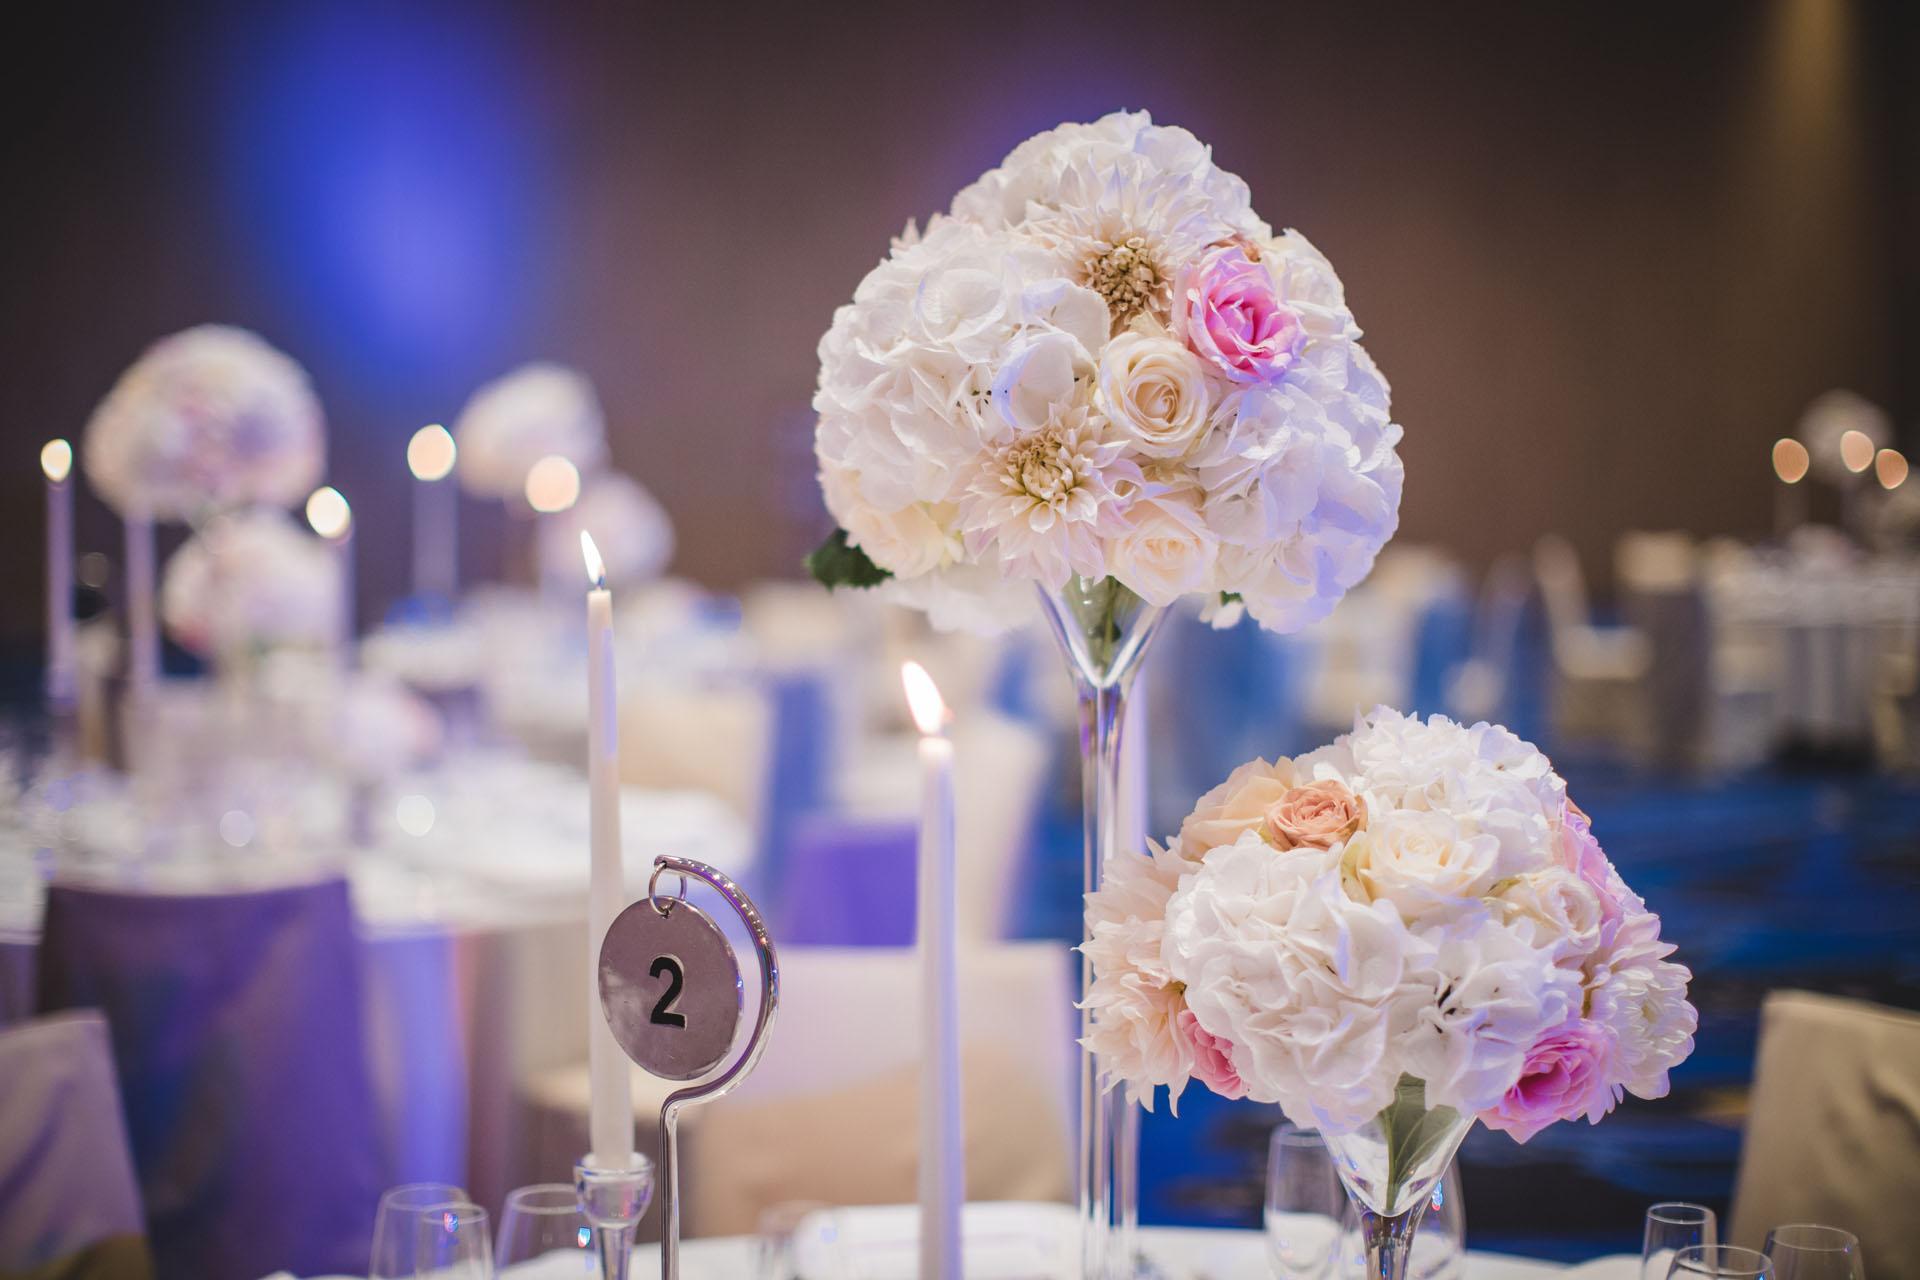 flores-boda-persa-decoracion